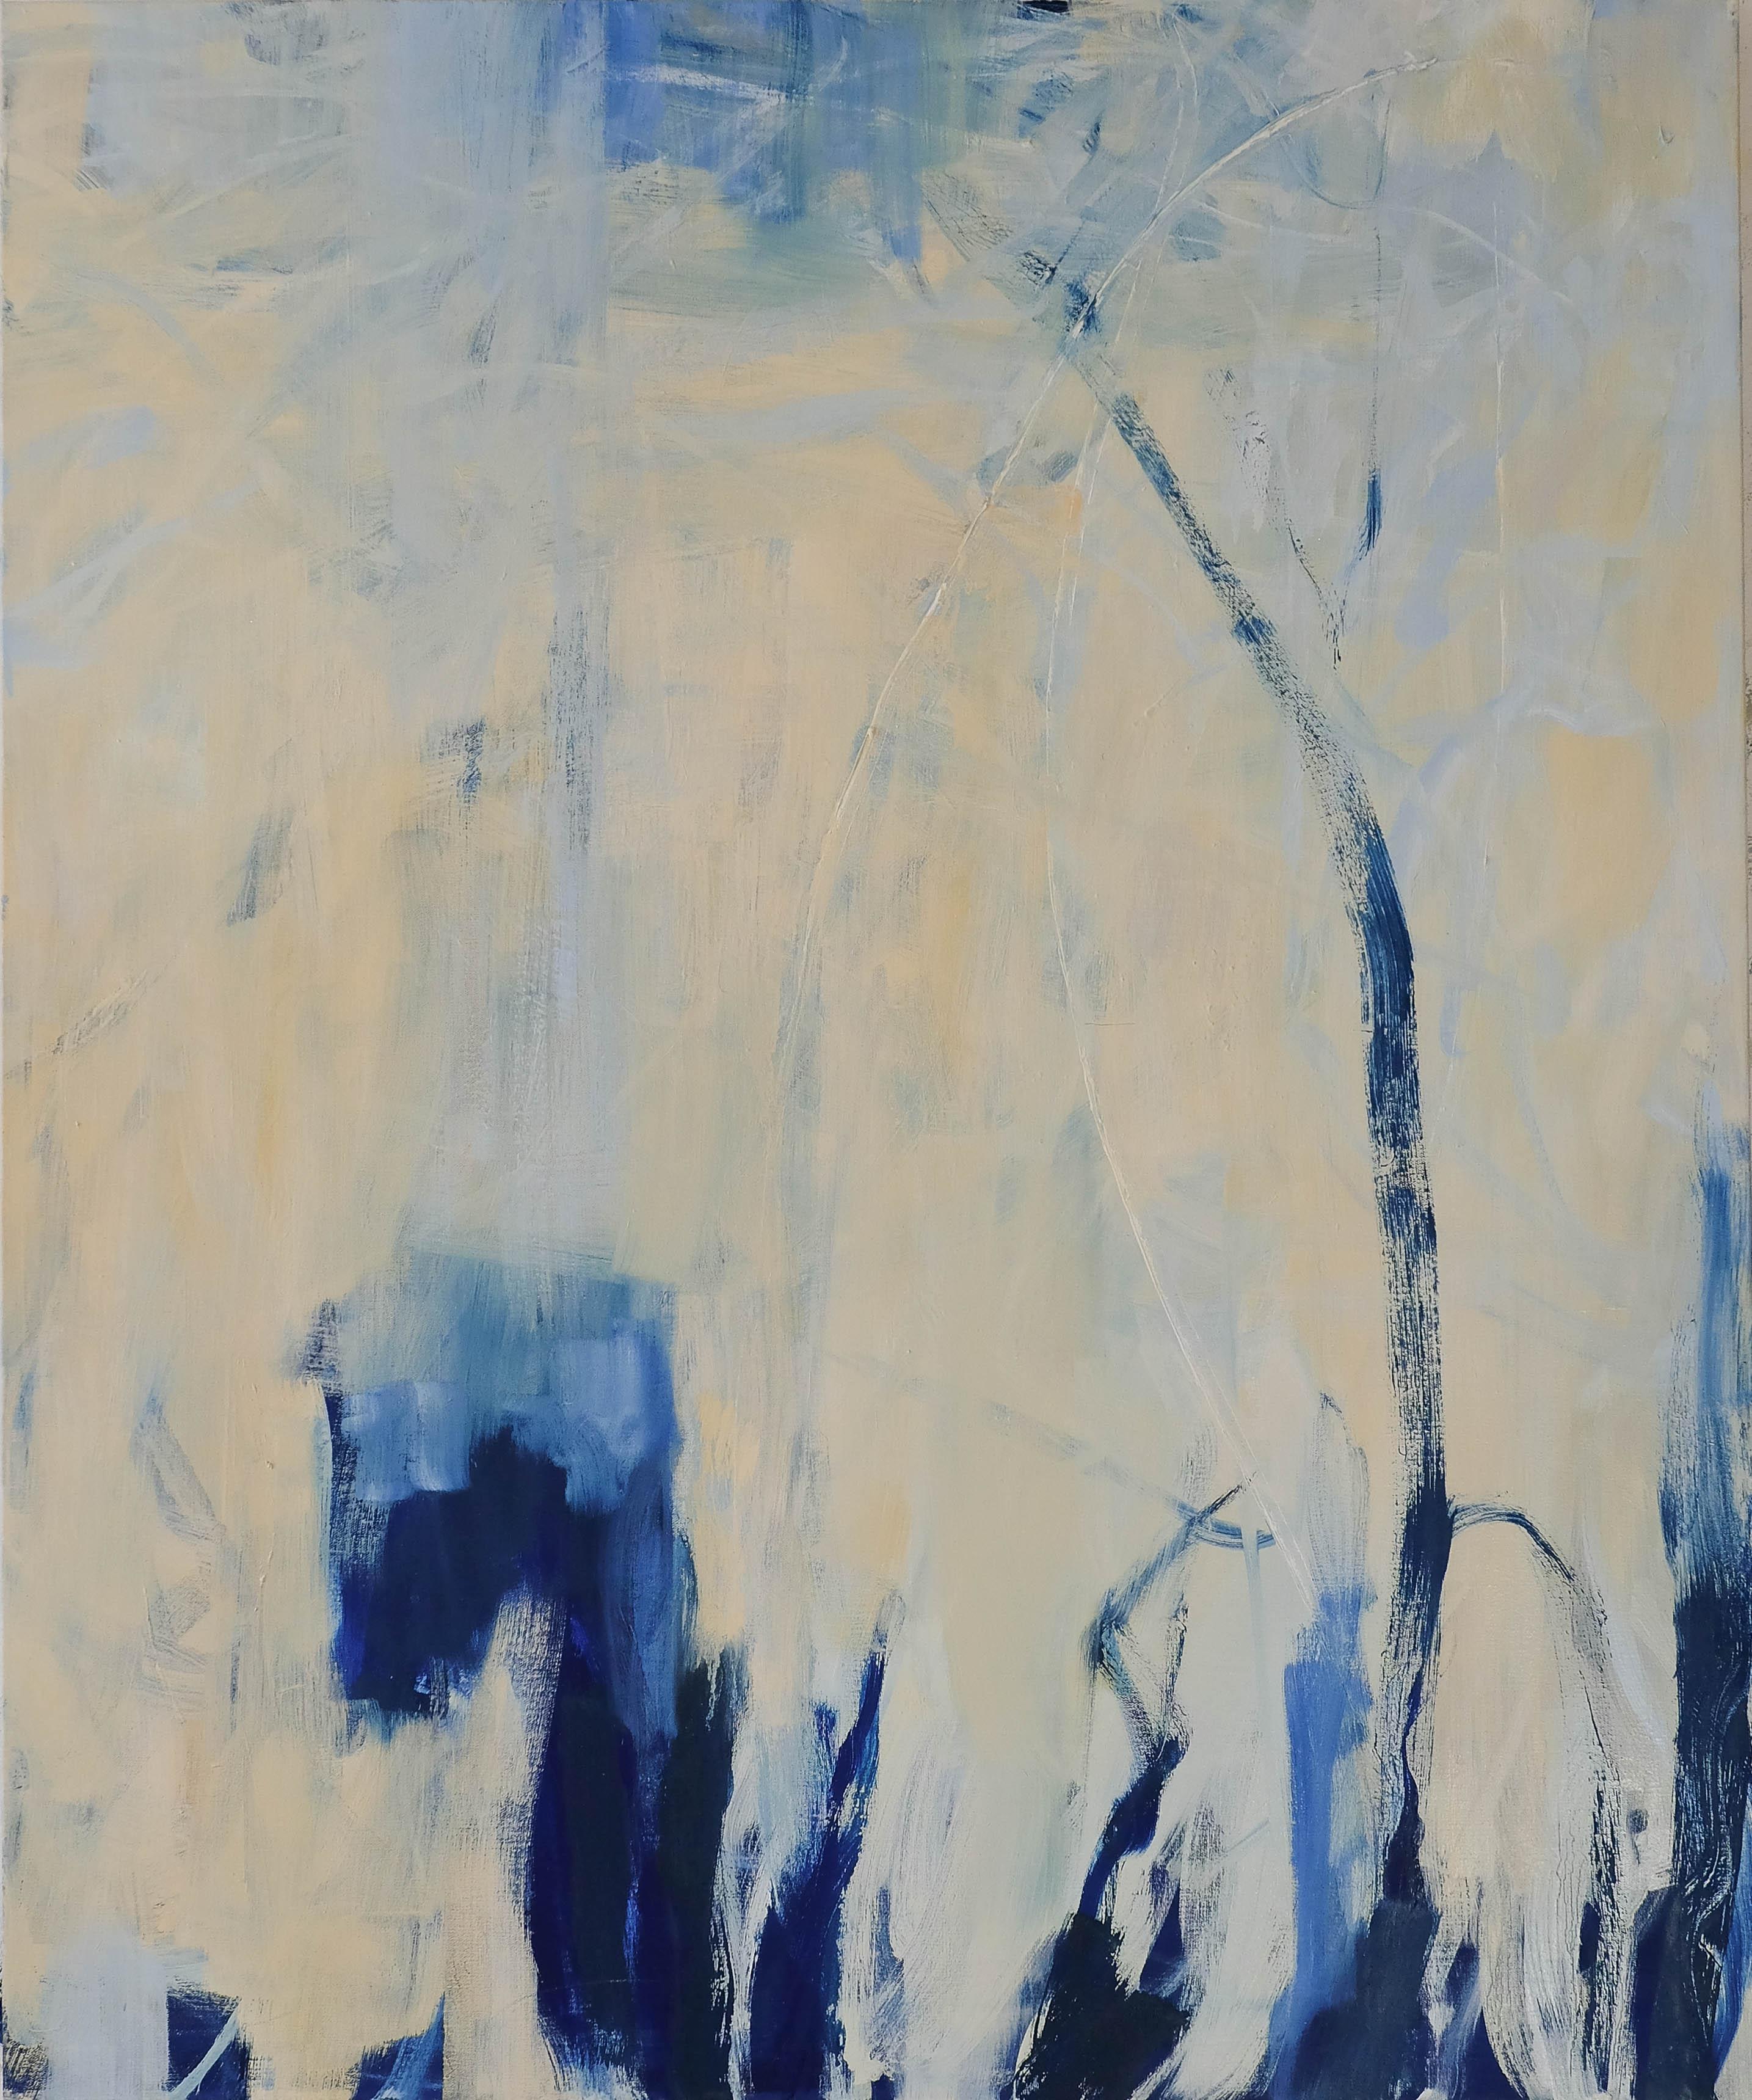 LE MATIN huile sur toile 120cmx100cm